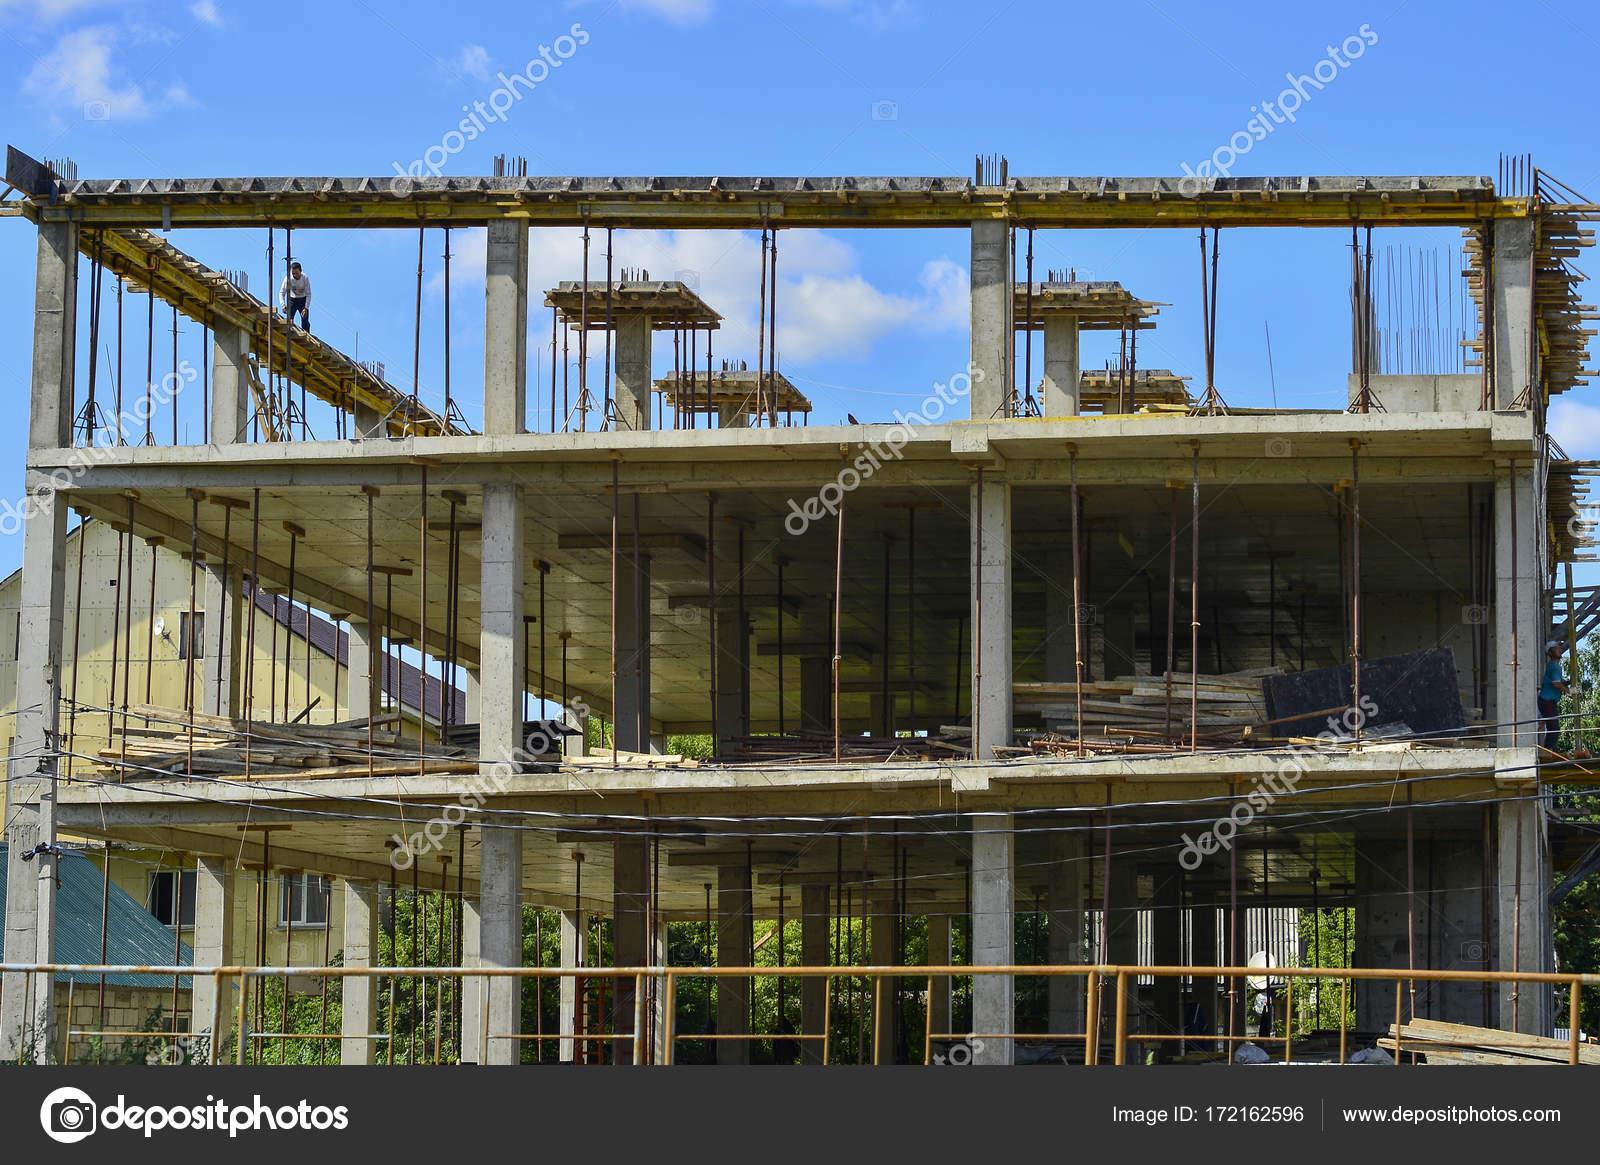 Die Rahmenkonstruktion der Pfähle, Platten, Balken des Neubaus ...